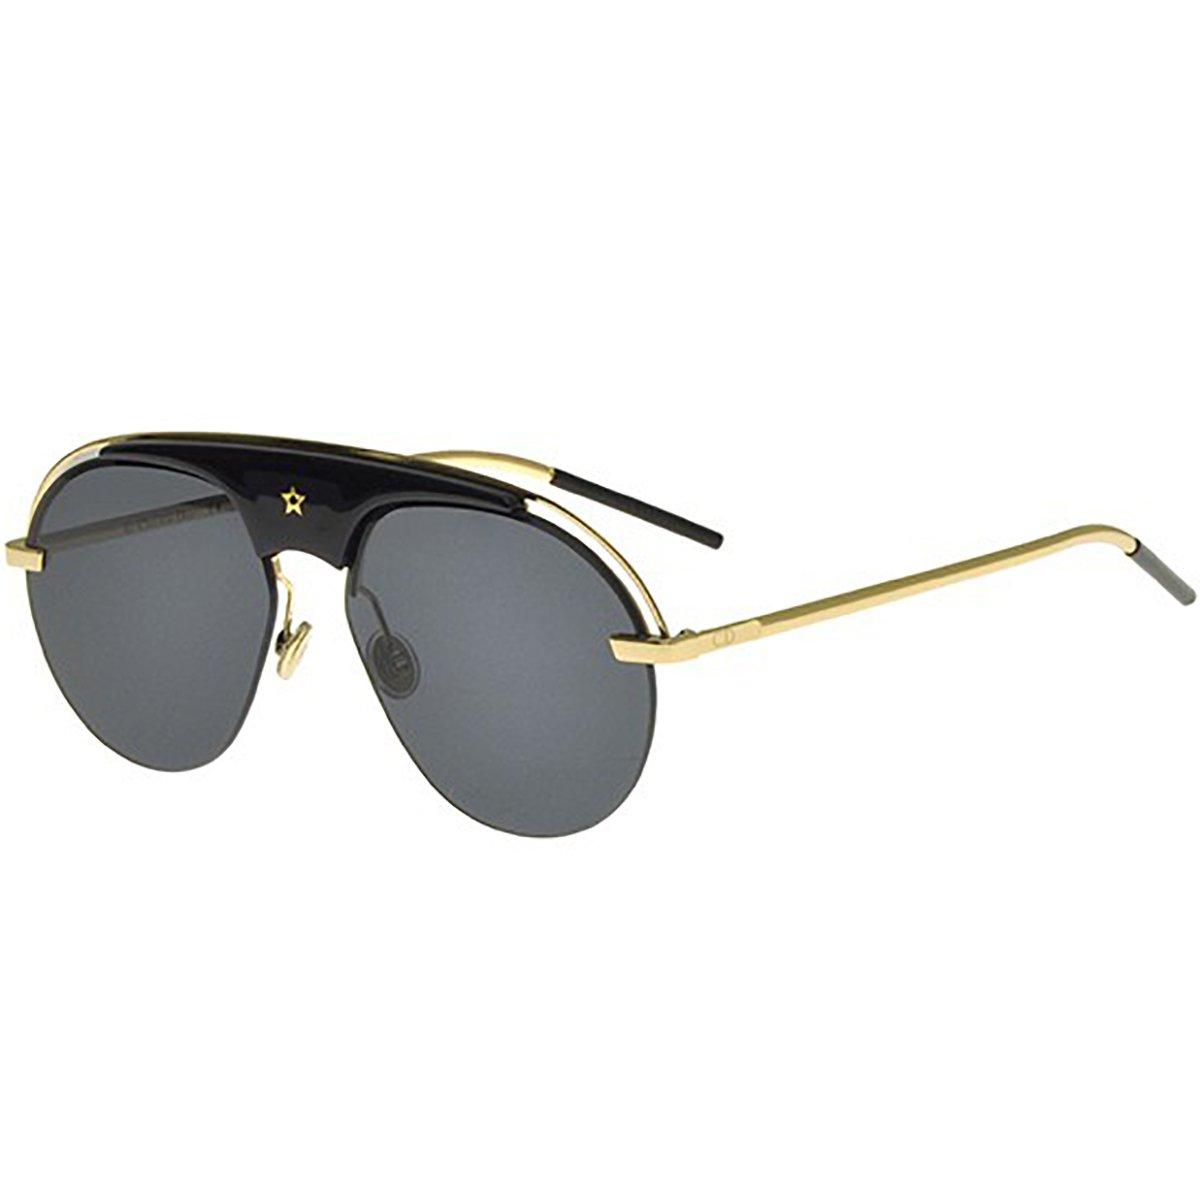 37bb187d07890 Compre Óculos de Sol Dior Revolution em 10X